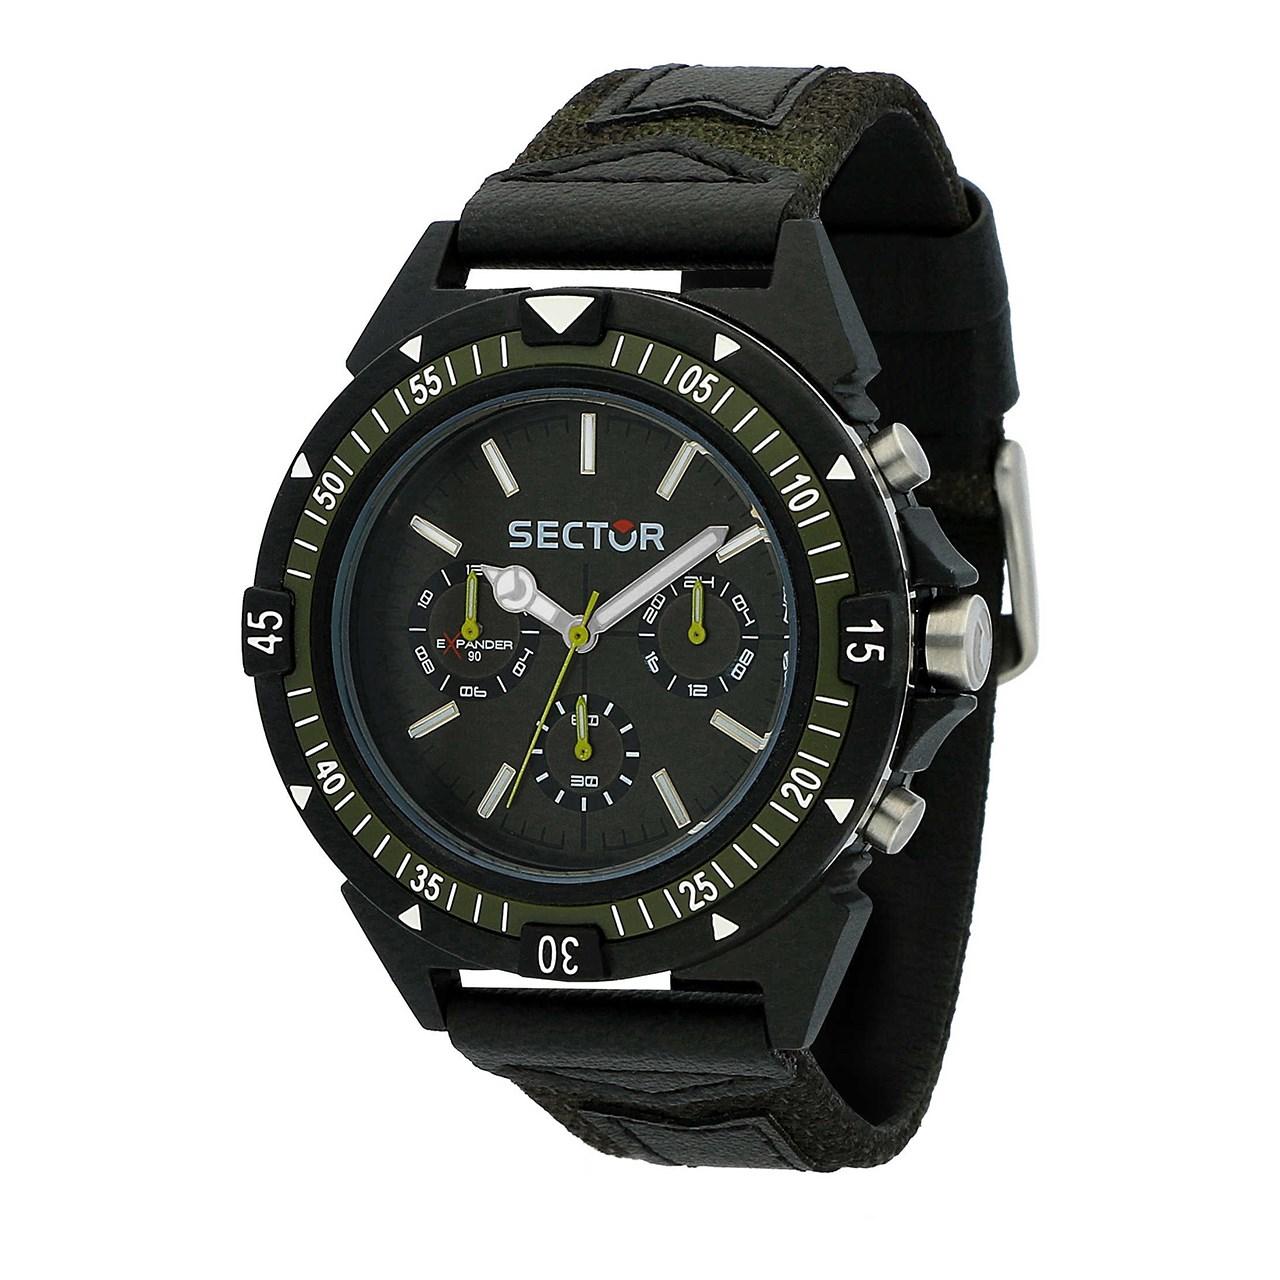 ساعت مچی عقربه ای  سکتور مدل اکسپندر 90 -3251197052